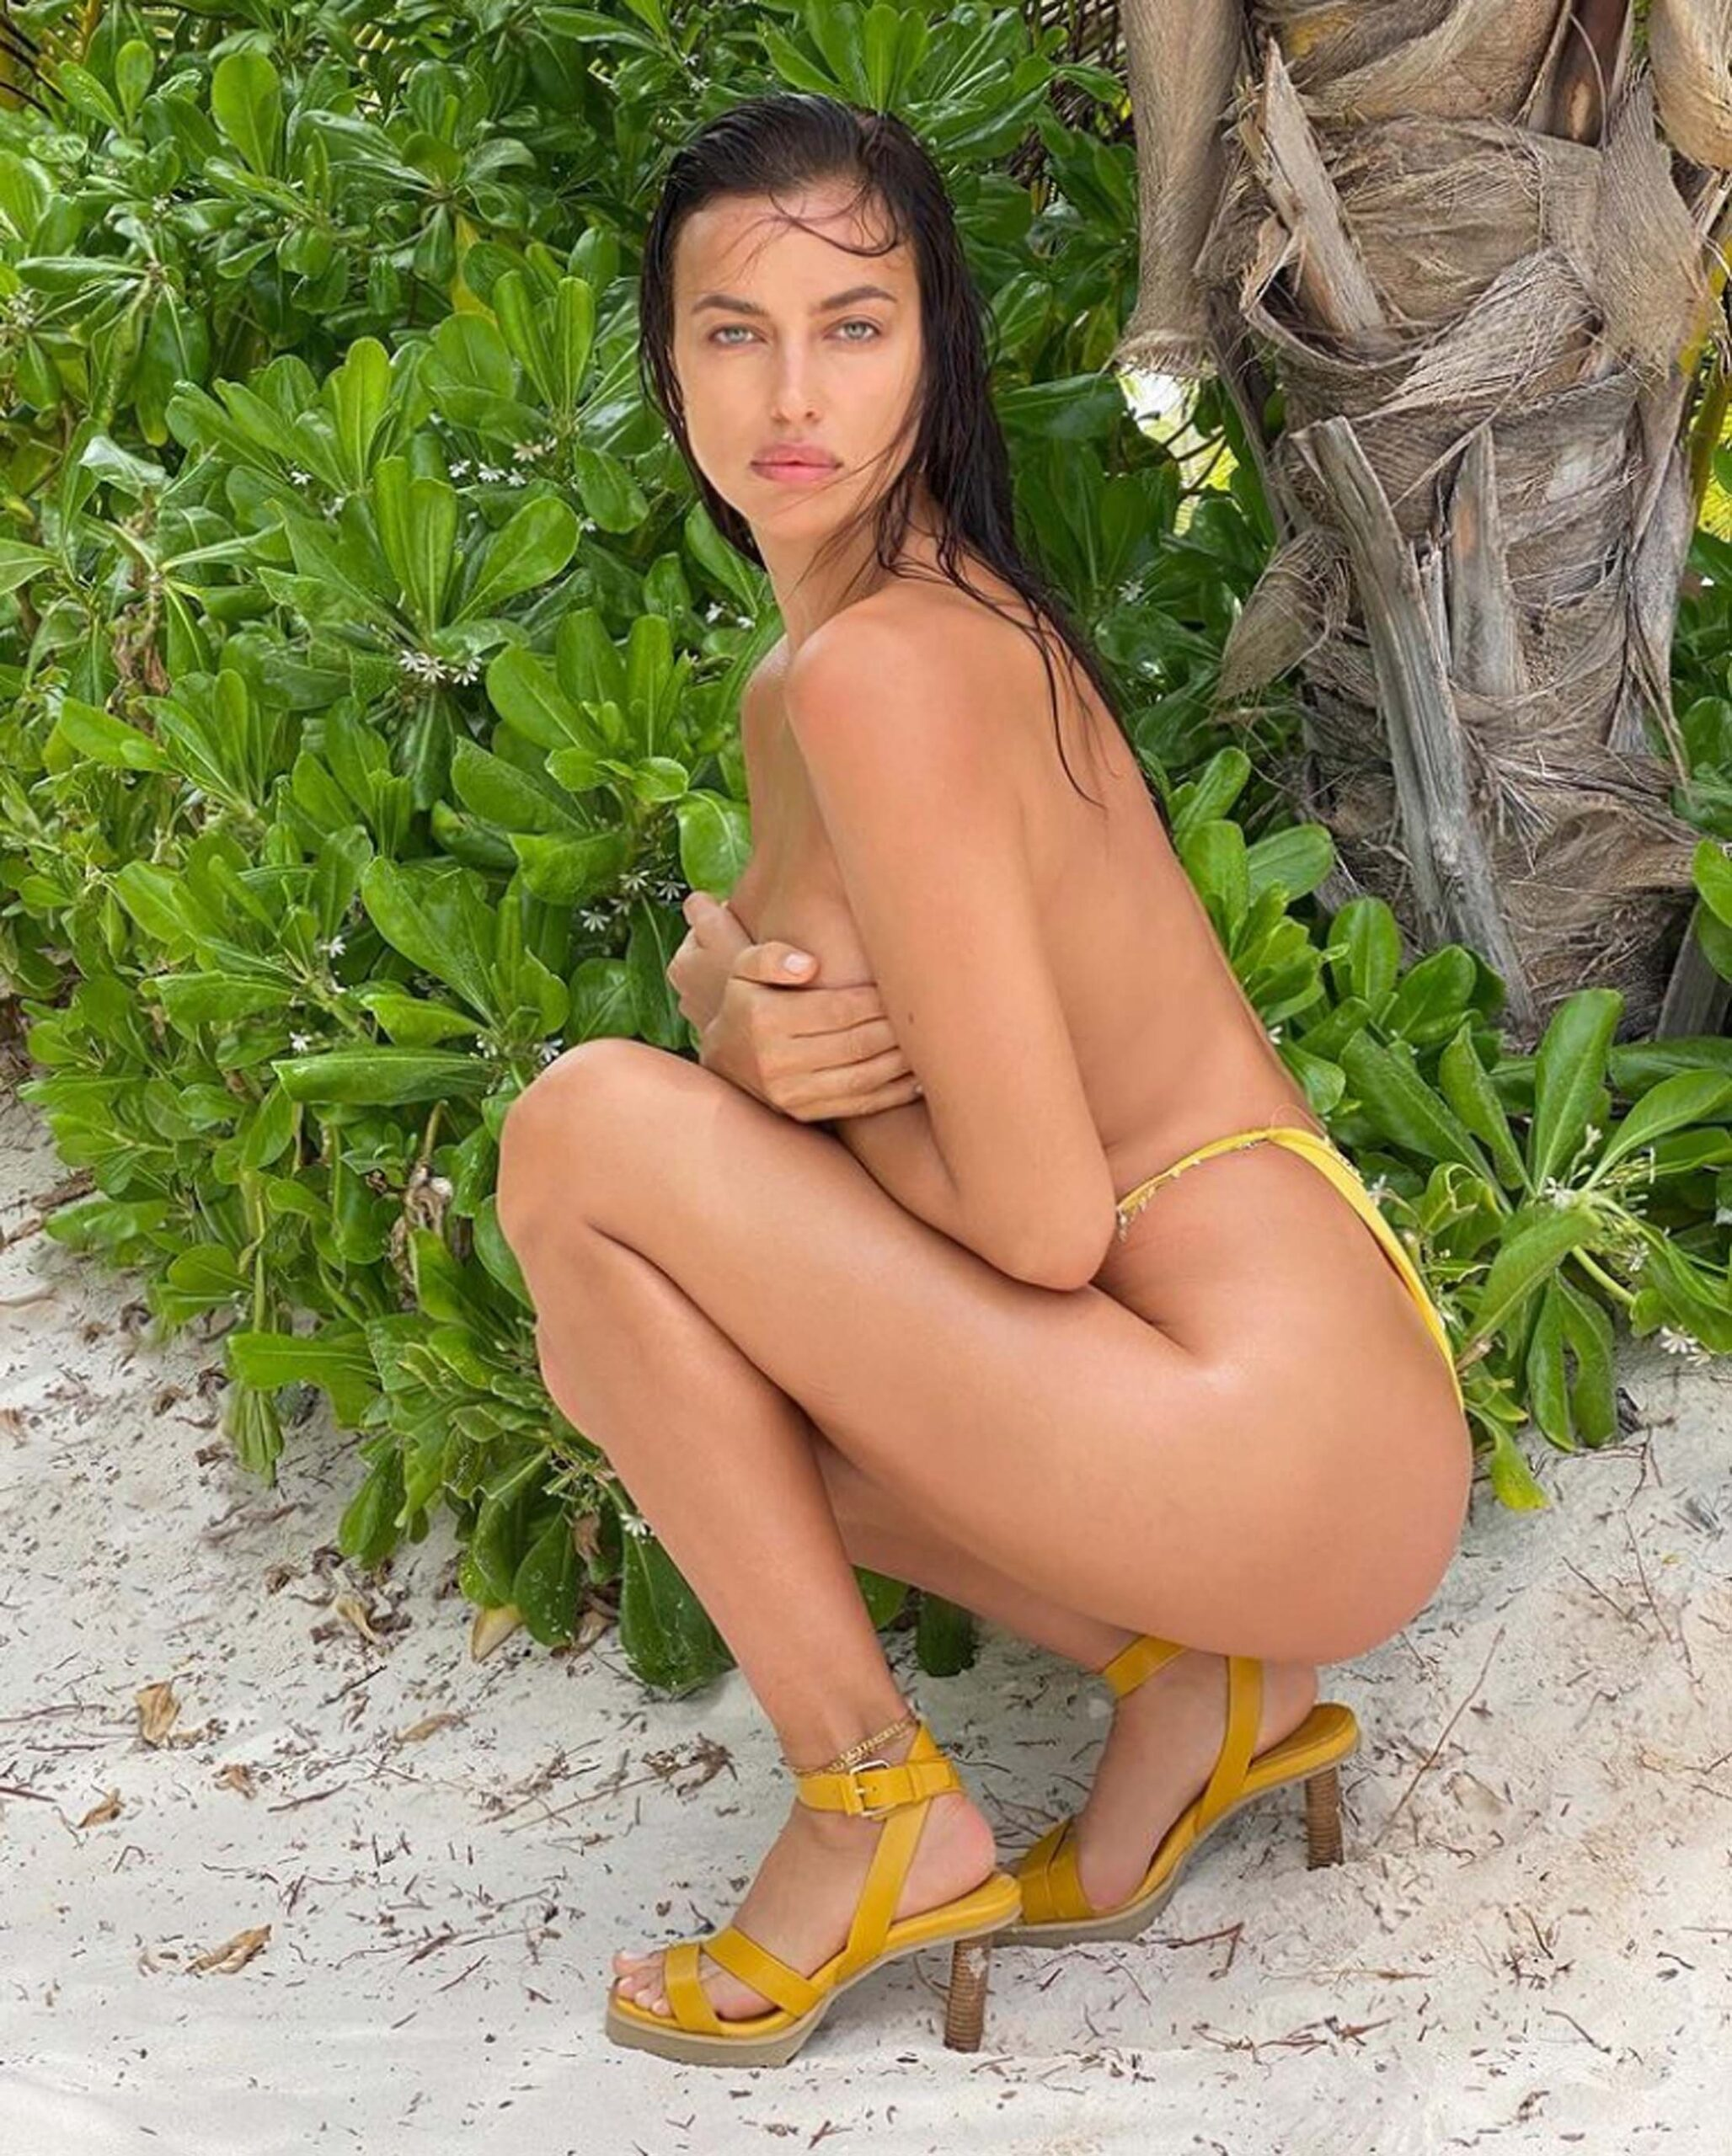 Irina Shayk juni 2021 (Instagram/irinashayk)